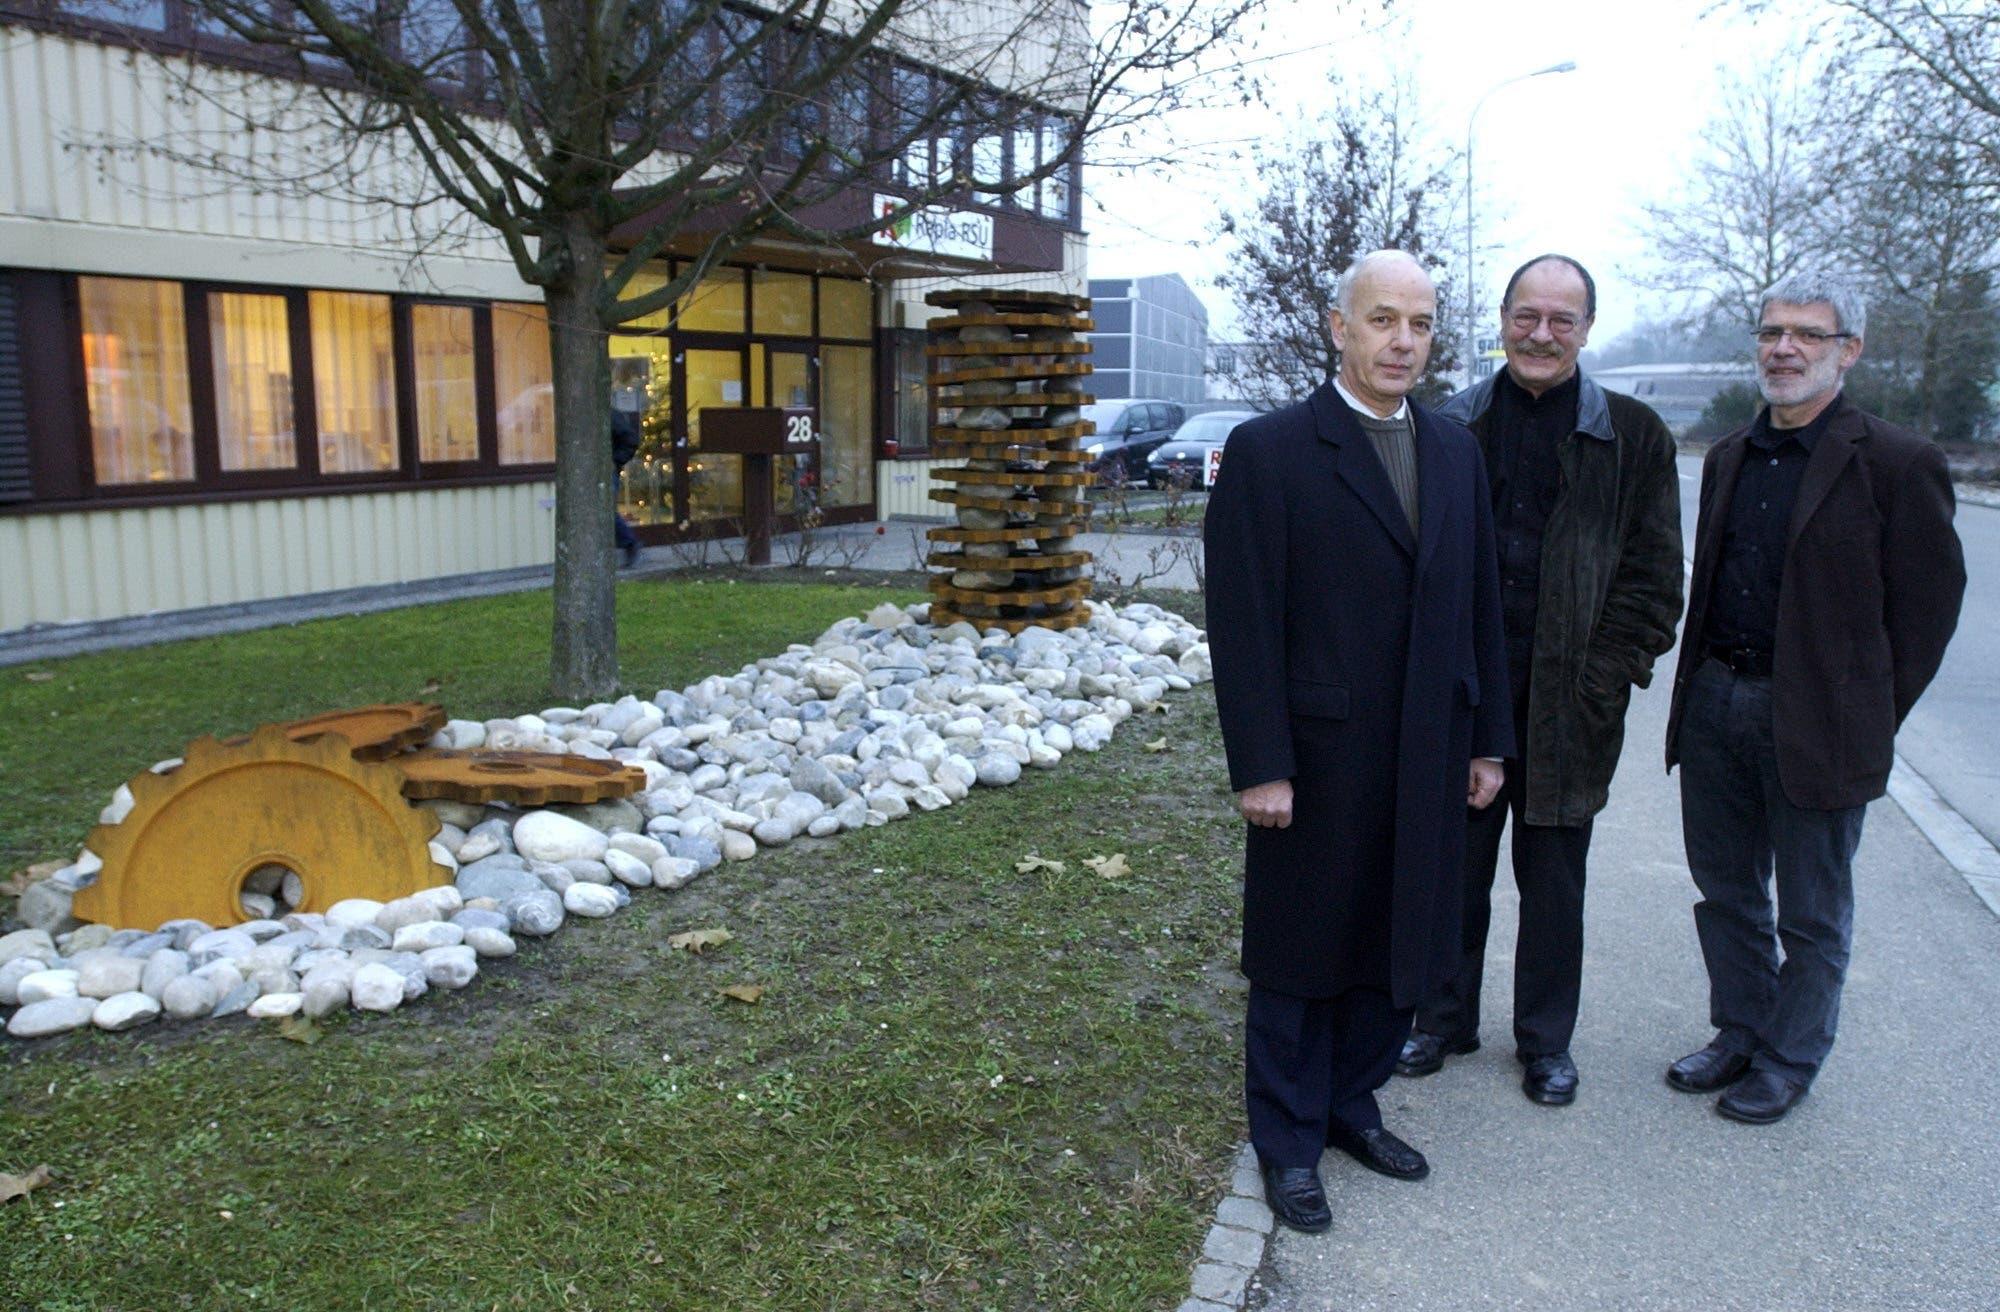 2003 erhielt die Regiomech zum 10-Jährigen eine Skulptur vom Künstler Heini Bürkli. V.l. CEO Peter Kürsener, Heini Bürkli, Künstler und Johannes Friedli, Planungsgruppe.